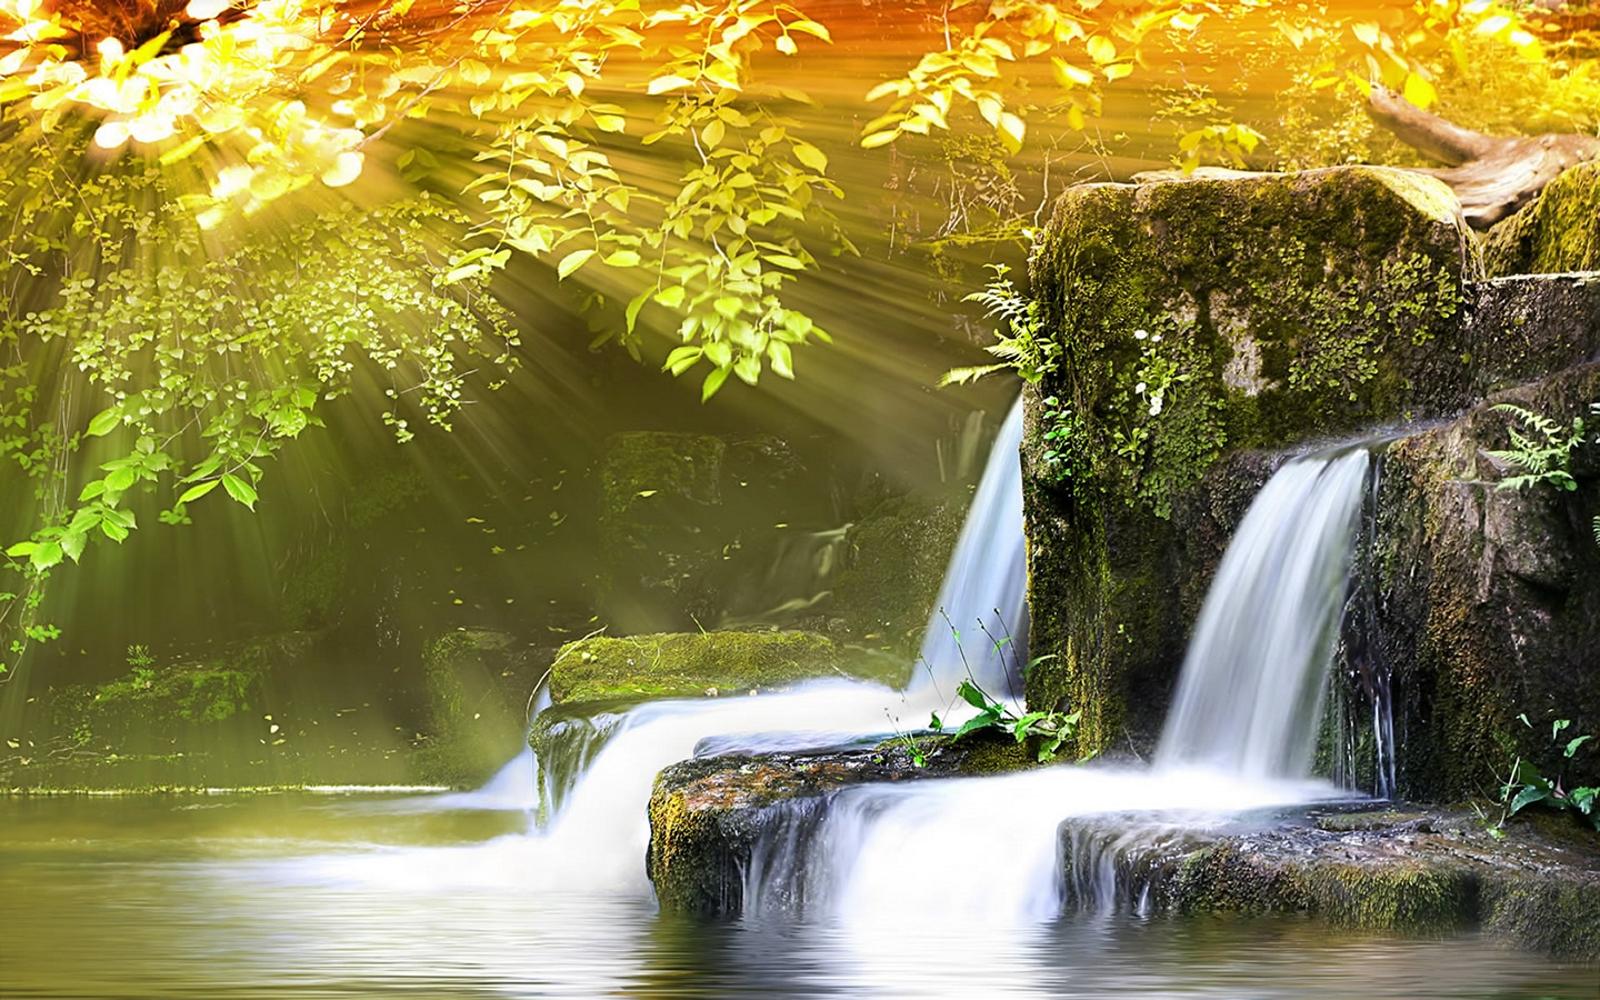 صور صور رائعة من الطبيعة, صور جنان من الطبيعية الخلابة